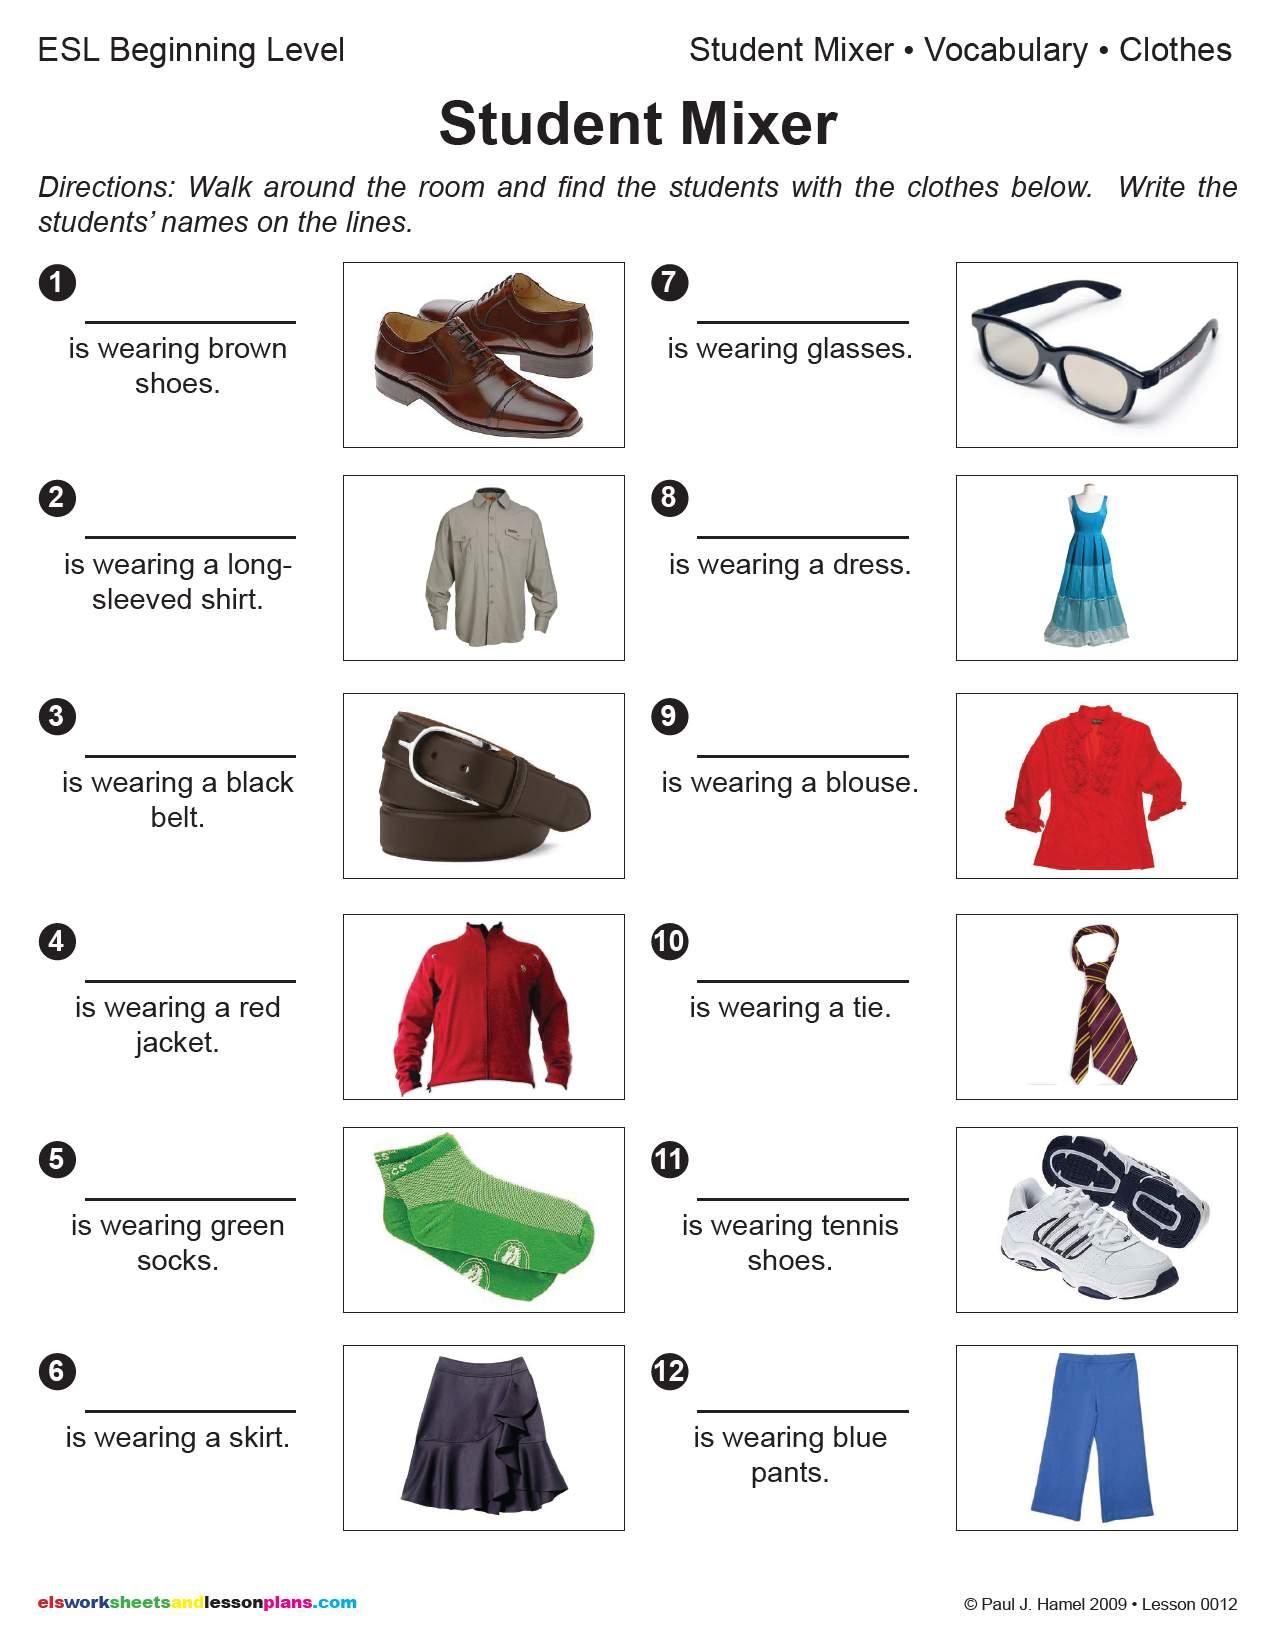 Esl Student Mixer Clothes